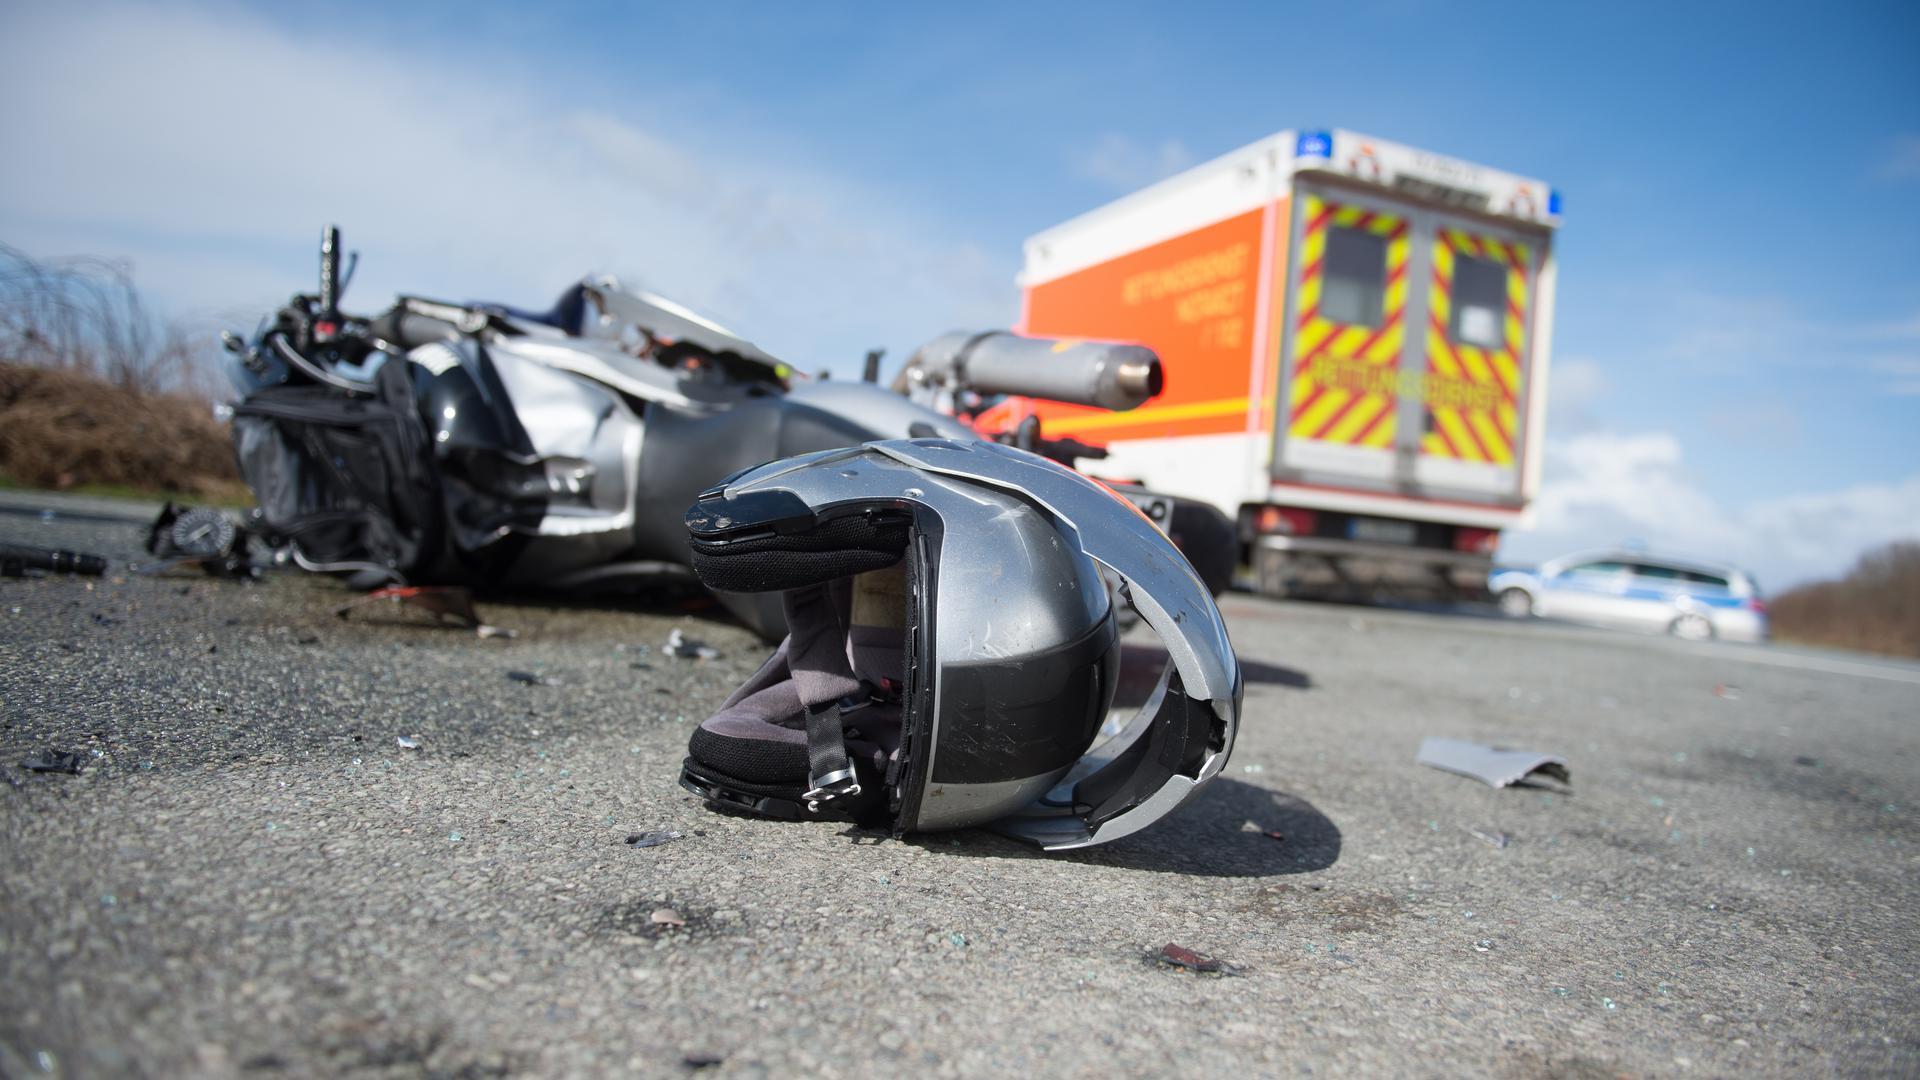 Ein Motorrad liegt zerstört auf der Straße.